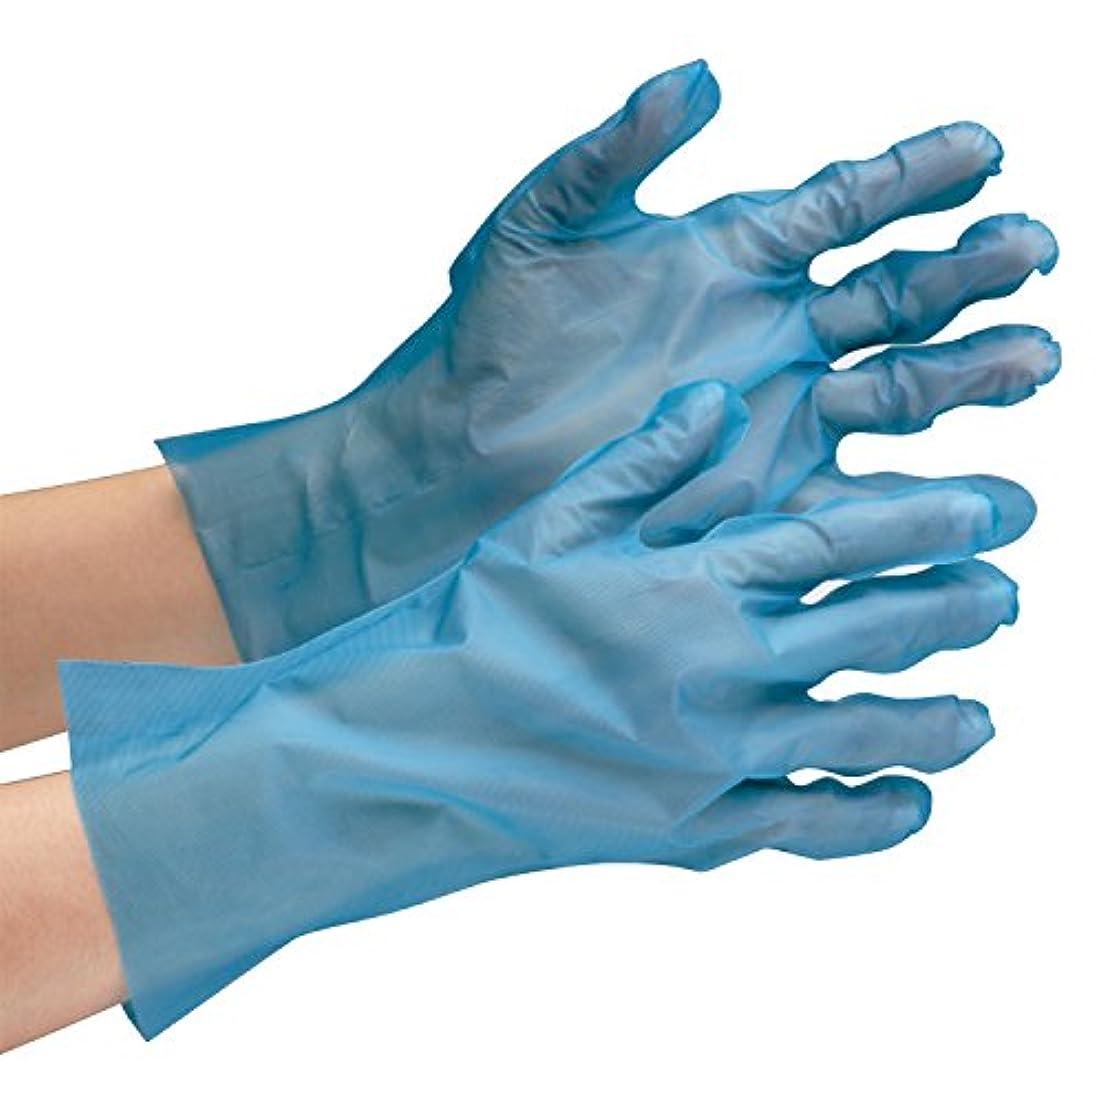 スチュワーデス合唱団おなじみのミドリ安全 ポリエチレン製ディスポ手袋 ベルテ576 ブルー 200枚入